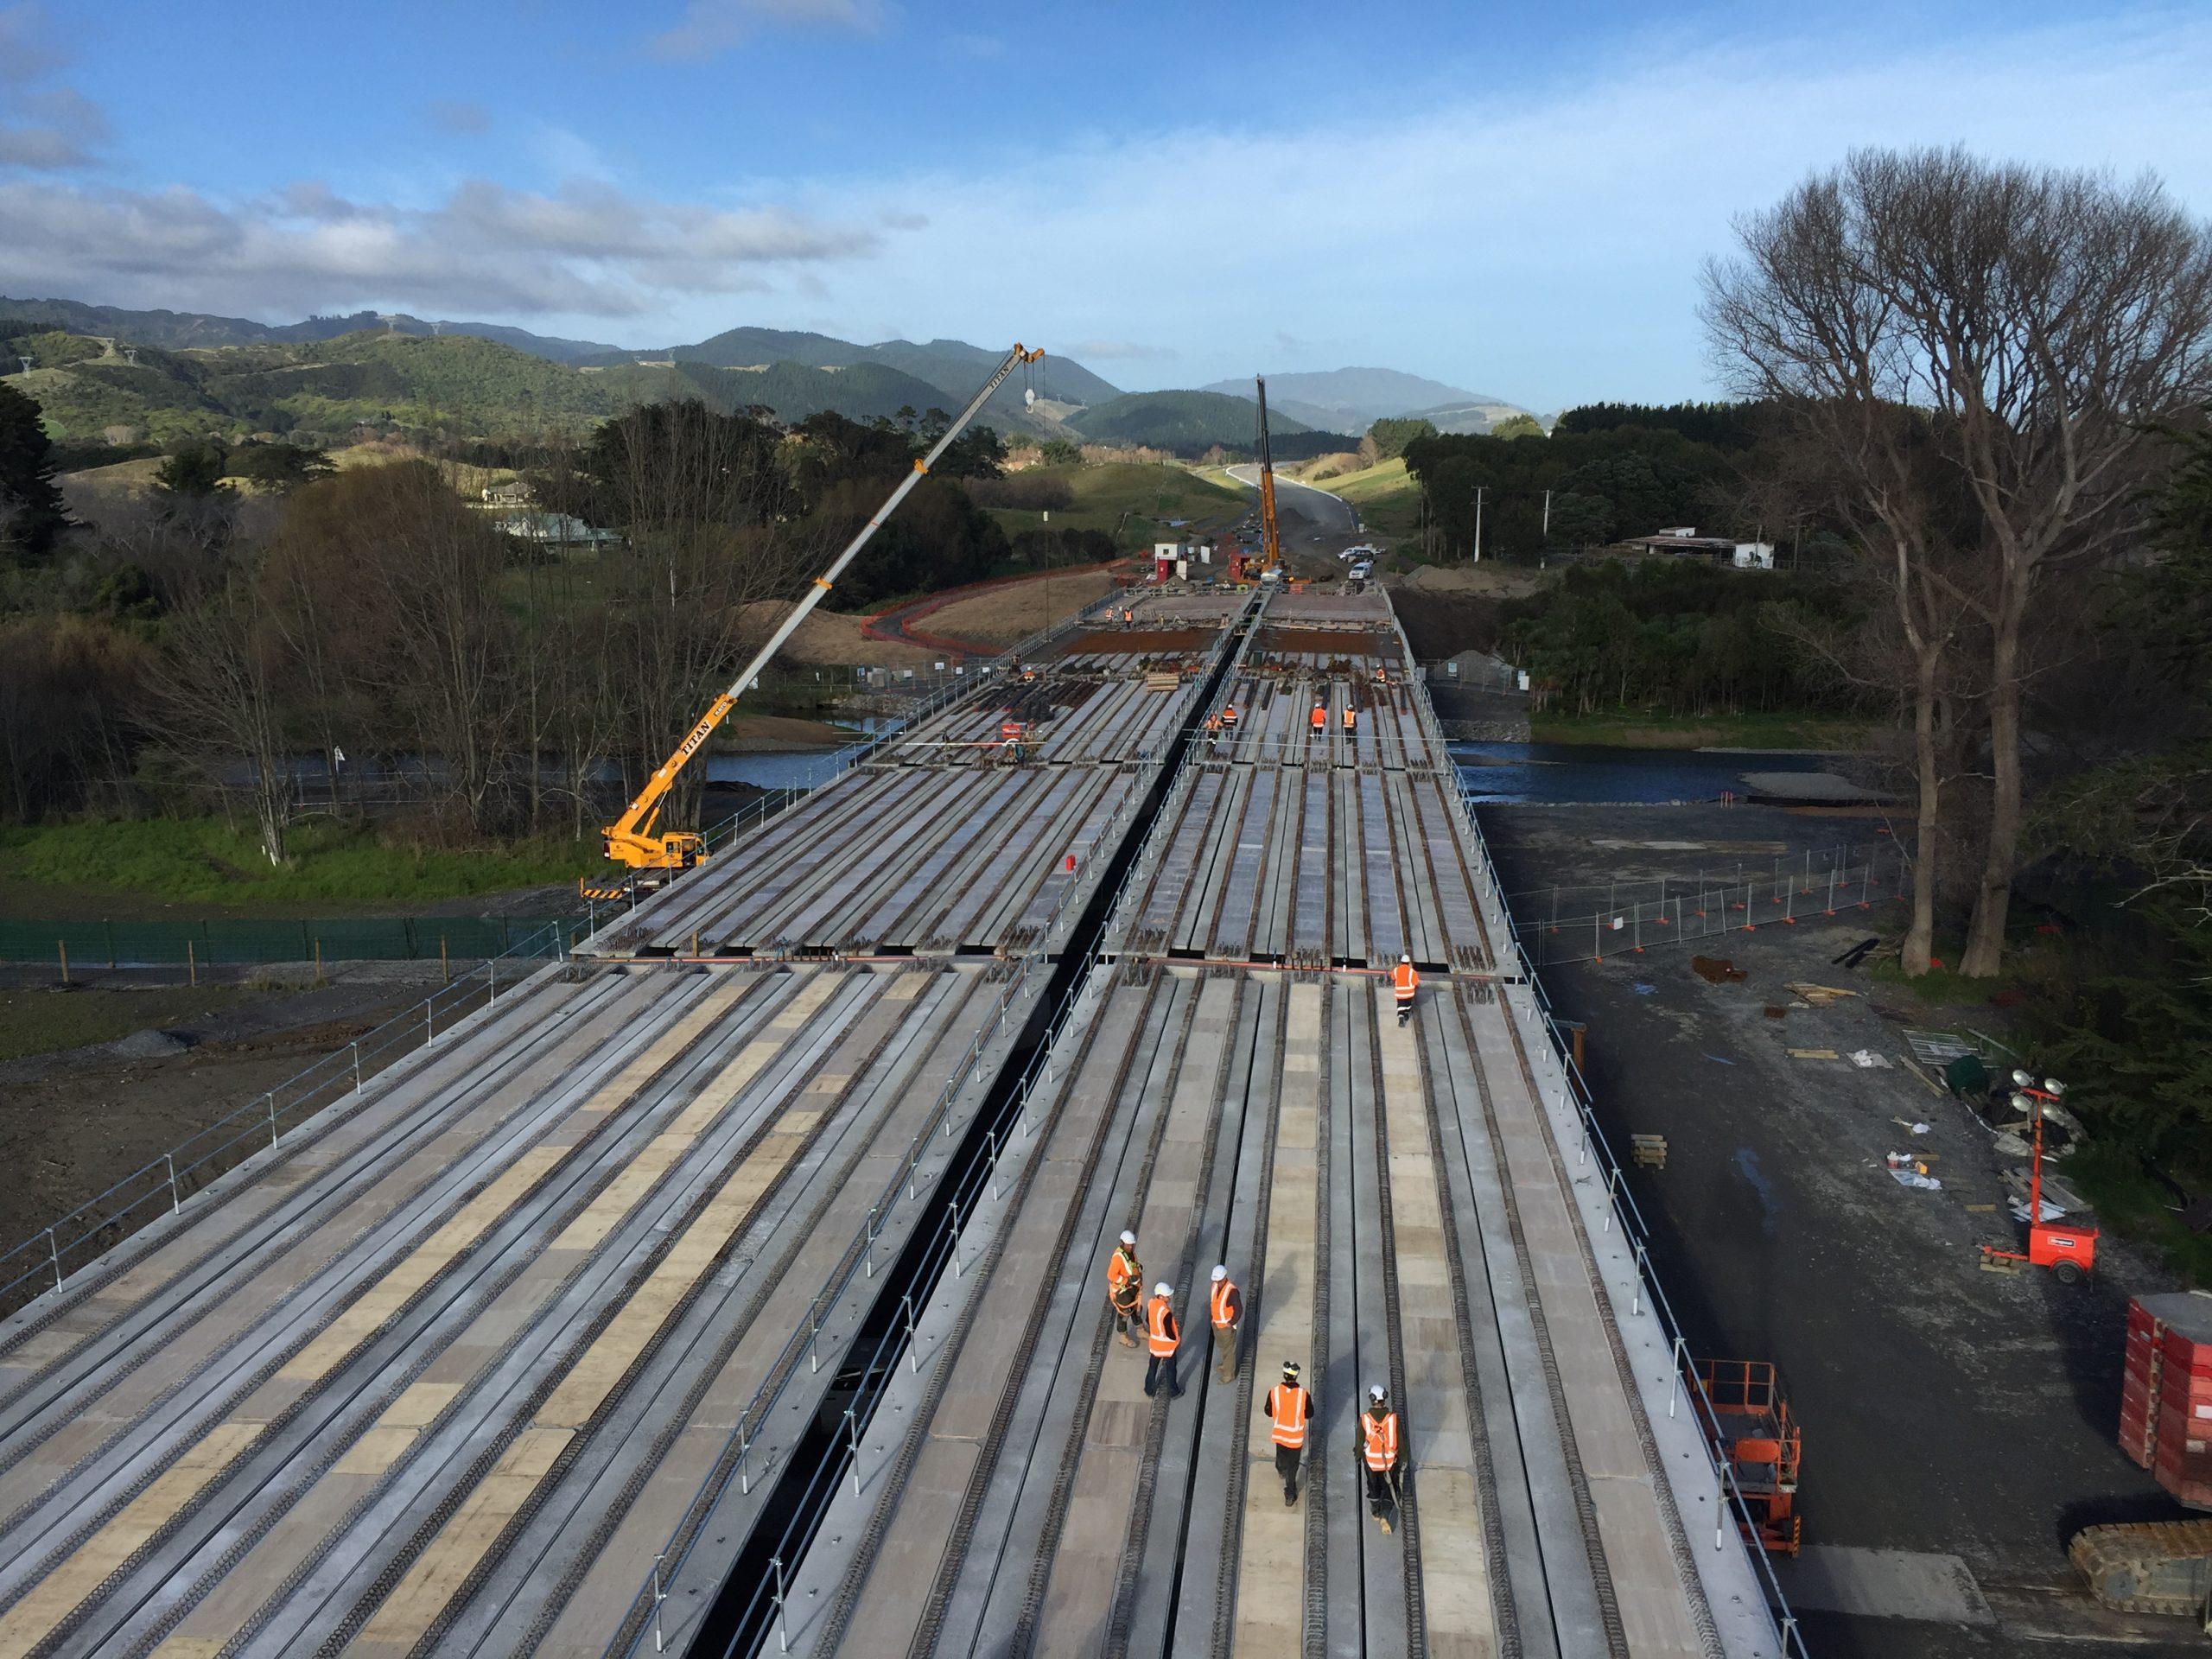 Engenheira na Nova Zelândia: engenharia já é difícil, imaginem em inglês?